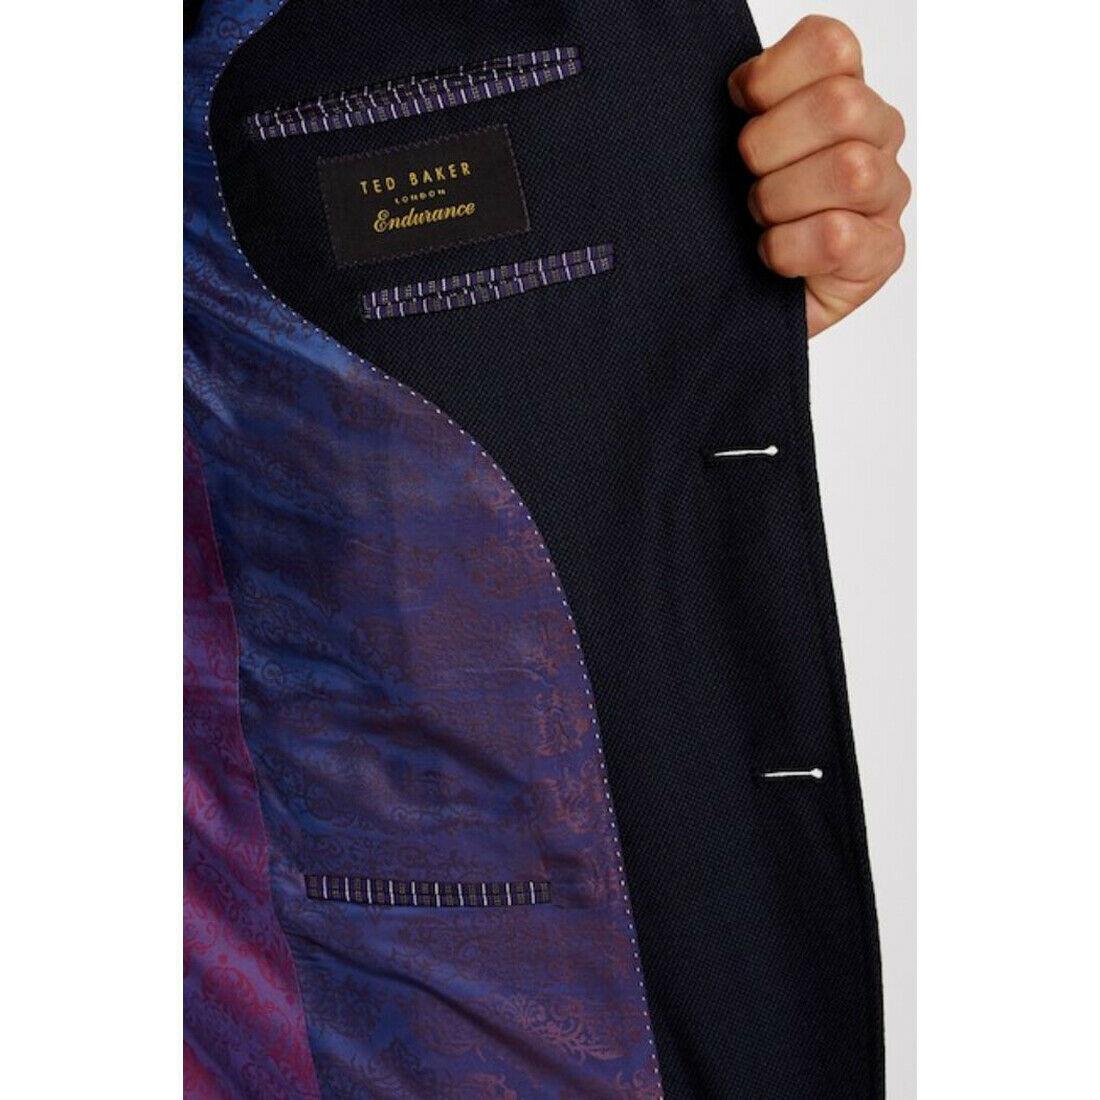 Ted Baker London Birdseye Notch Lapel Wool Suit Jacket Only, Blue, 42L